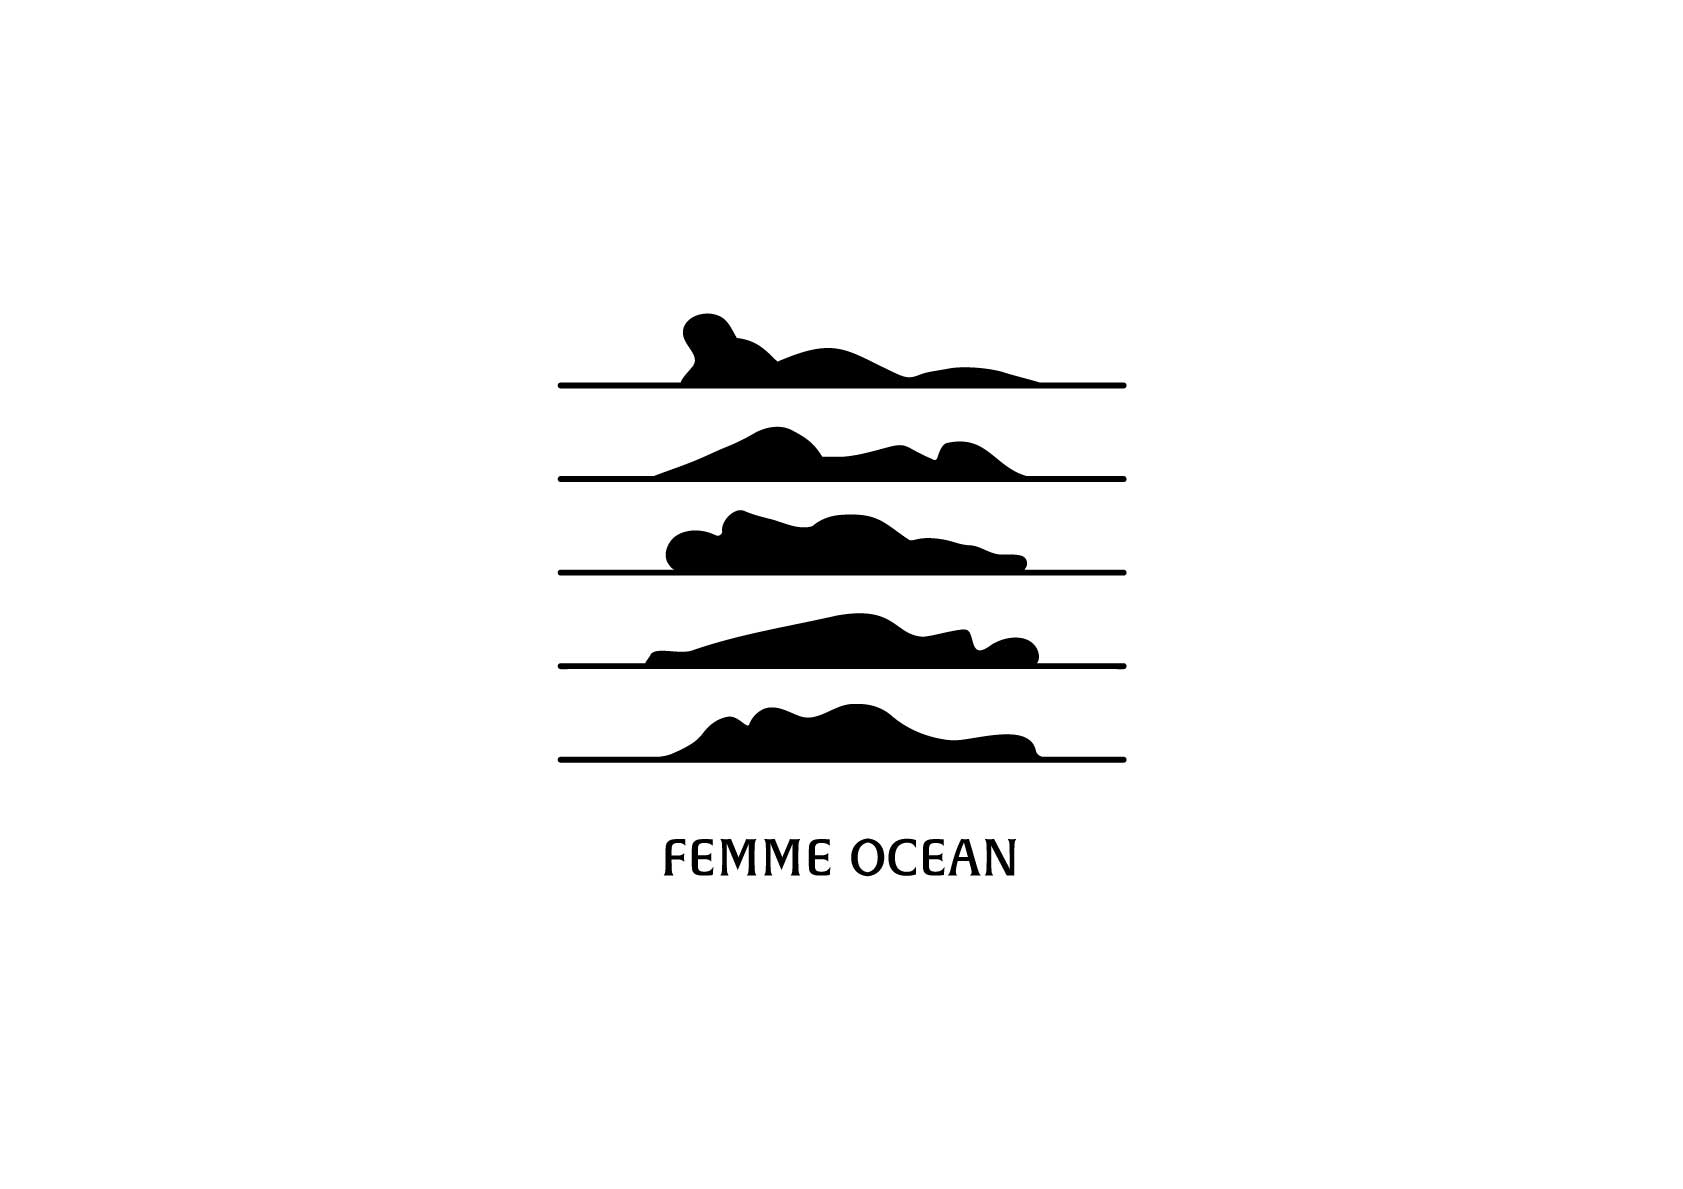 Annika von Schütz – Femme Ocean